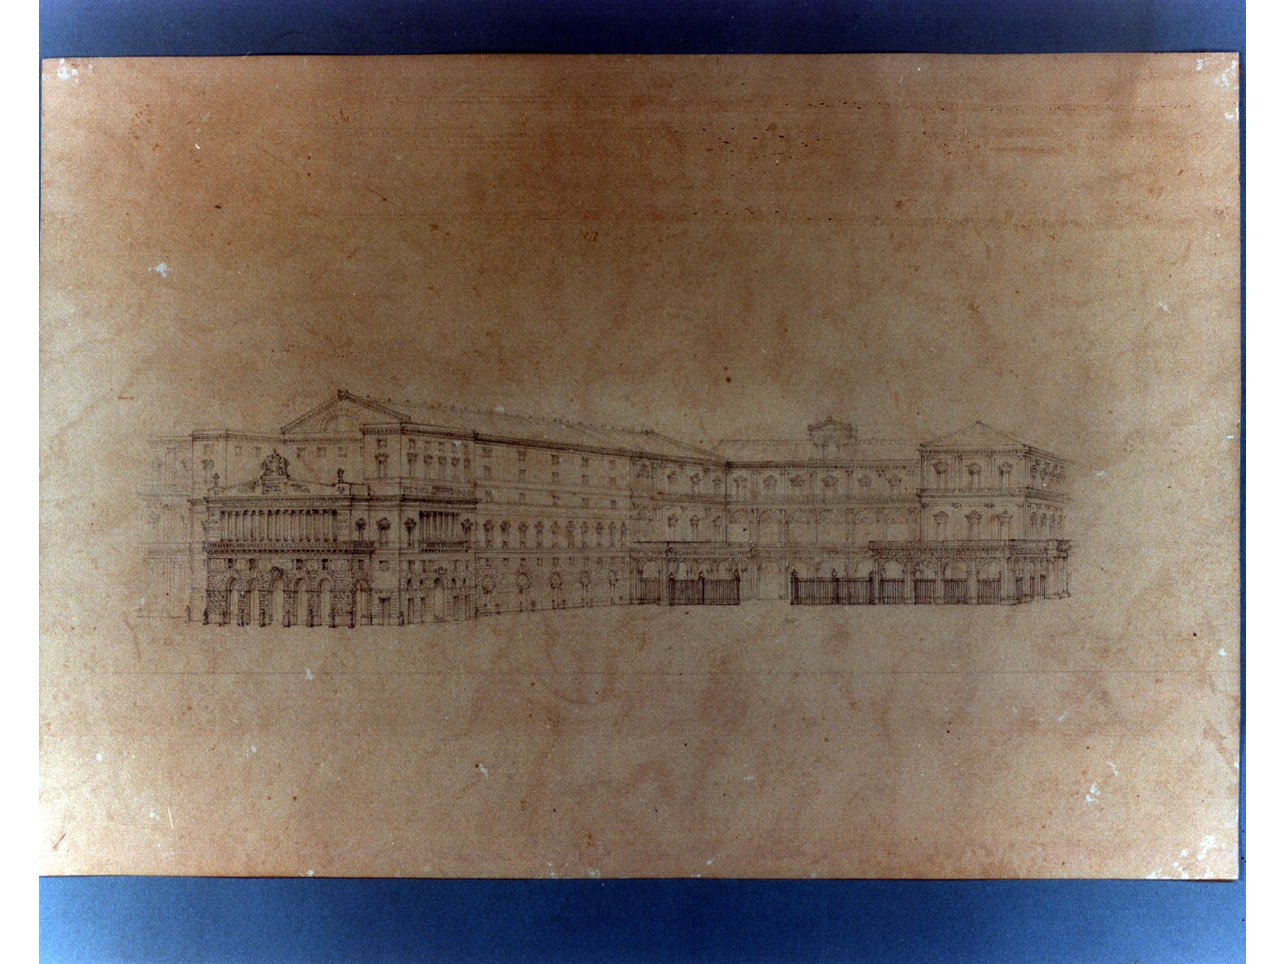 progetto di sistemazione del fianco del teatro San Carlo (disegno) di Niccolini Antonio (sec. XIX)